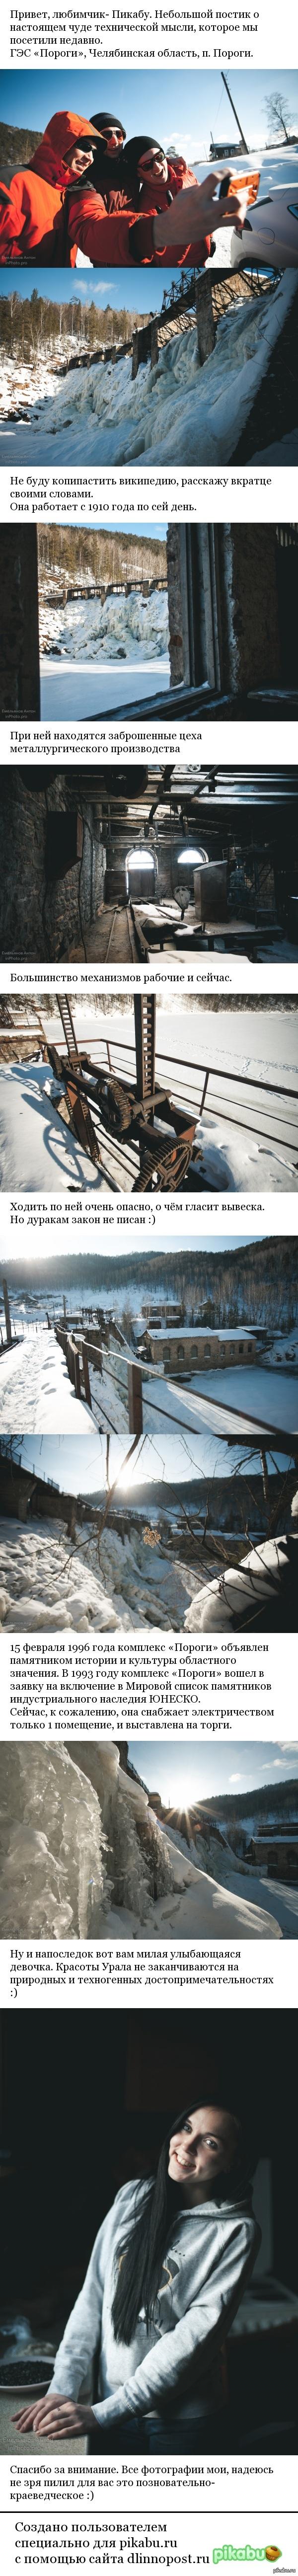 Порожская ГЭС. Челябинская область. Побывали в этом месте зимой. Было очень хорошо, как бы банально не звучало.